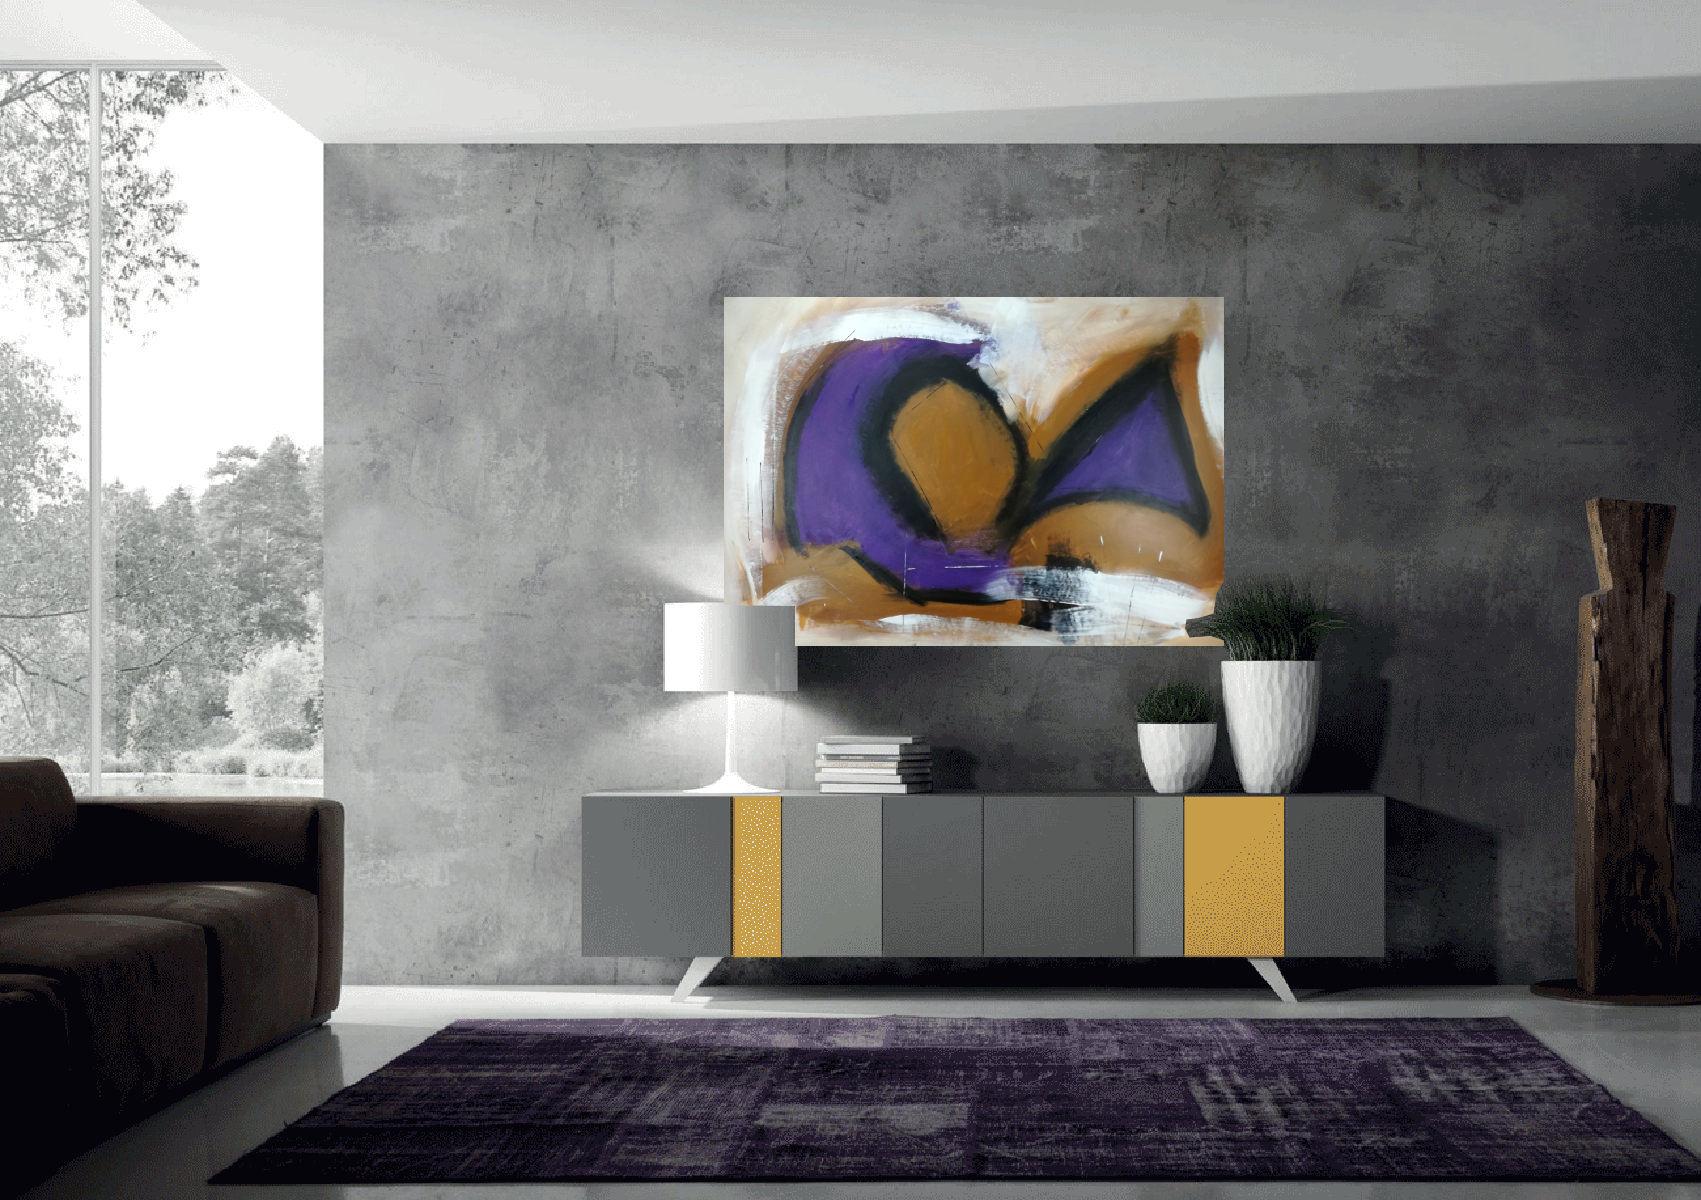 Quadri moderni su tela 100x70 sauro bos for Quadri astratti moderni verticali